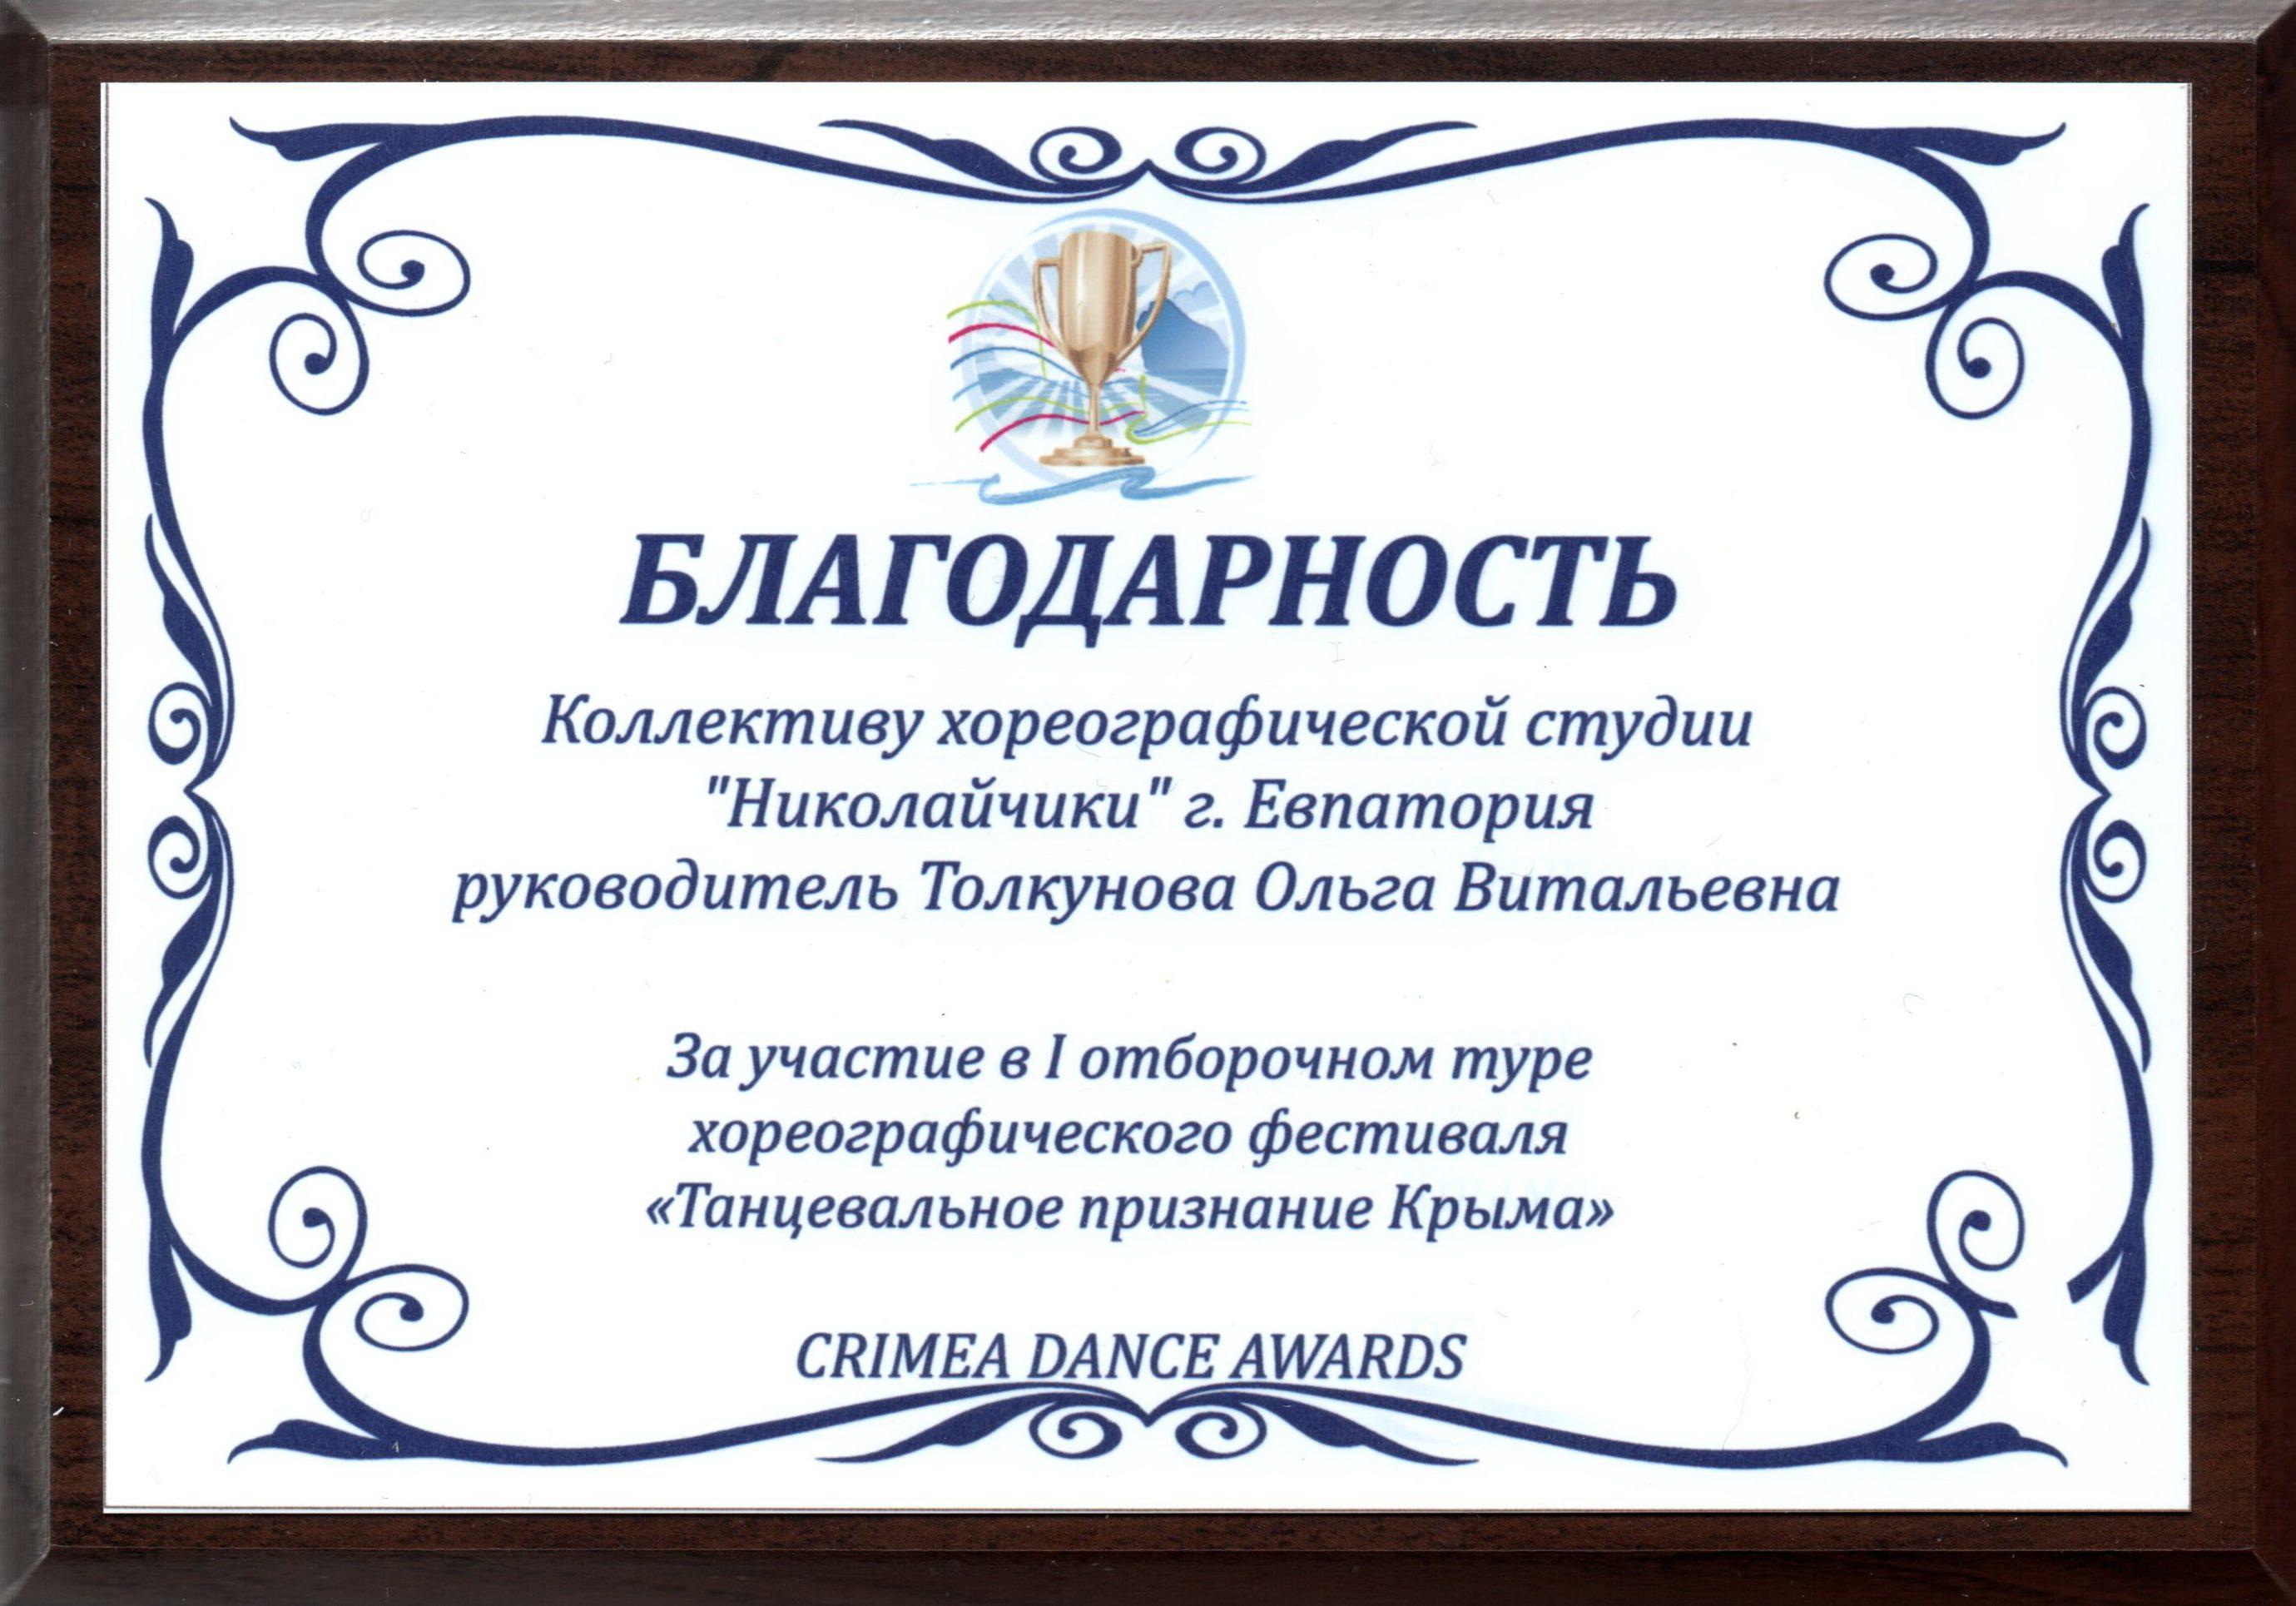 конкурс001